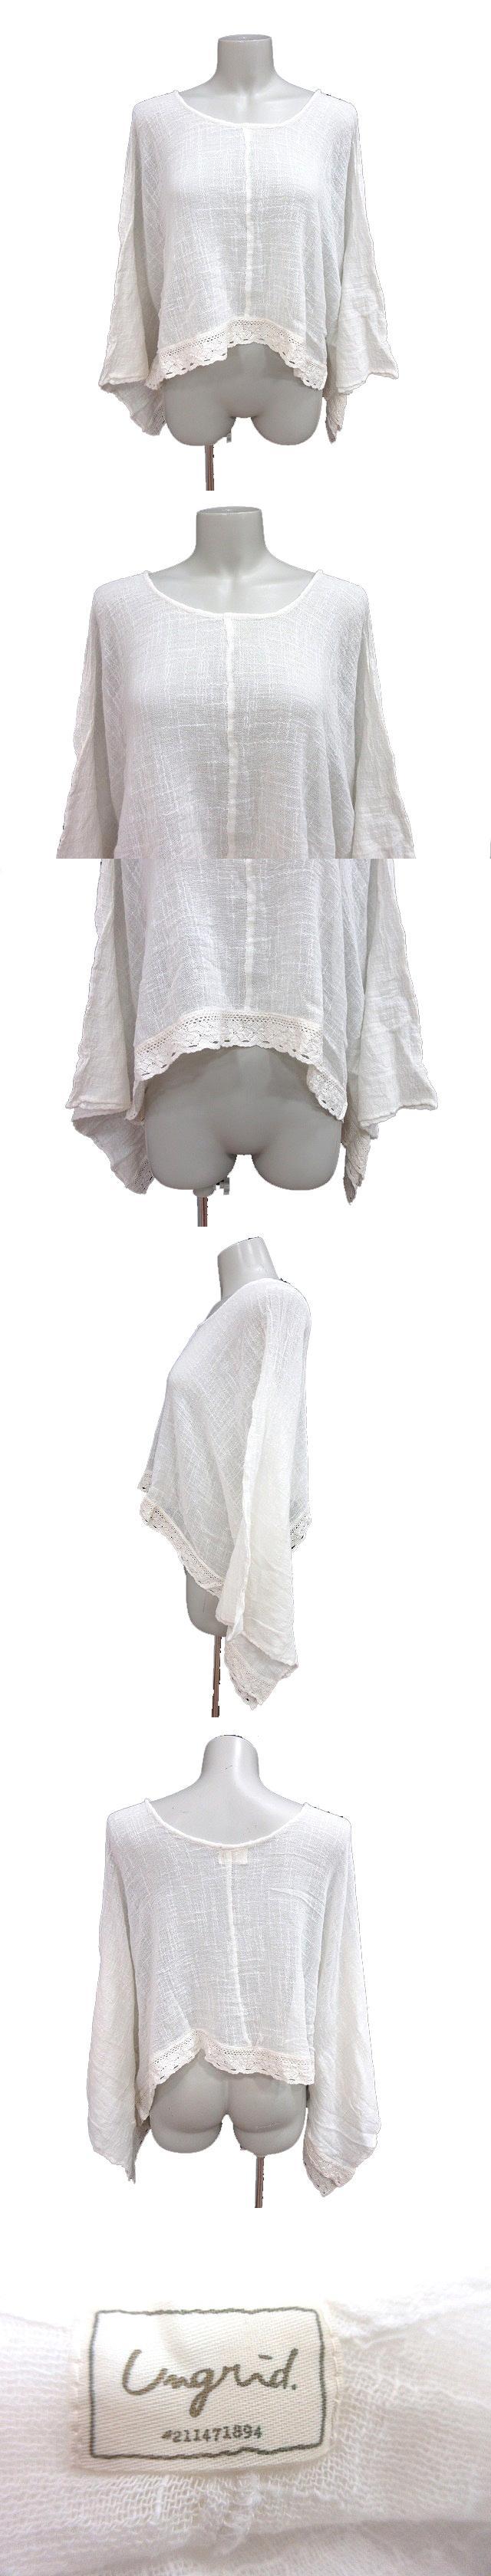 ニット カットソー ショート Uネック ドルマンスリーブ 長袖 フレア袖 刺繍 レース F 白 ホワイト /CT